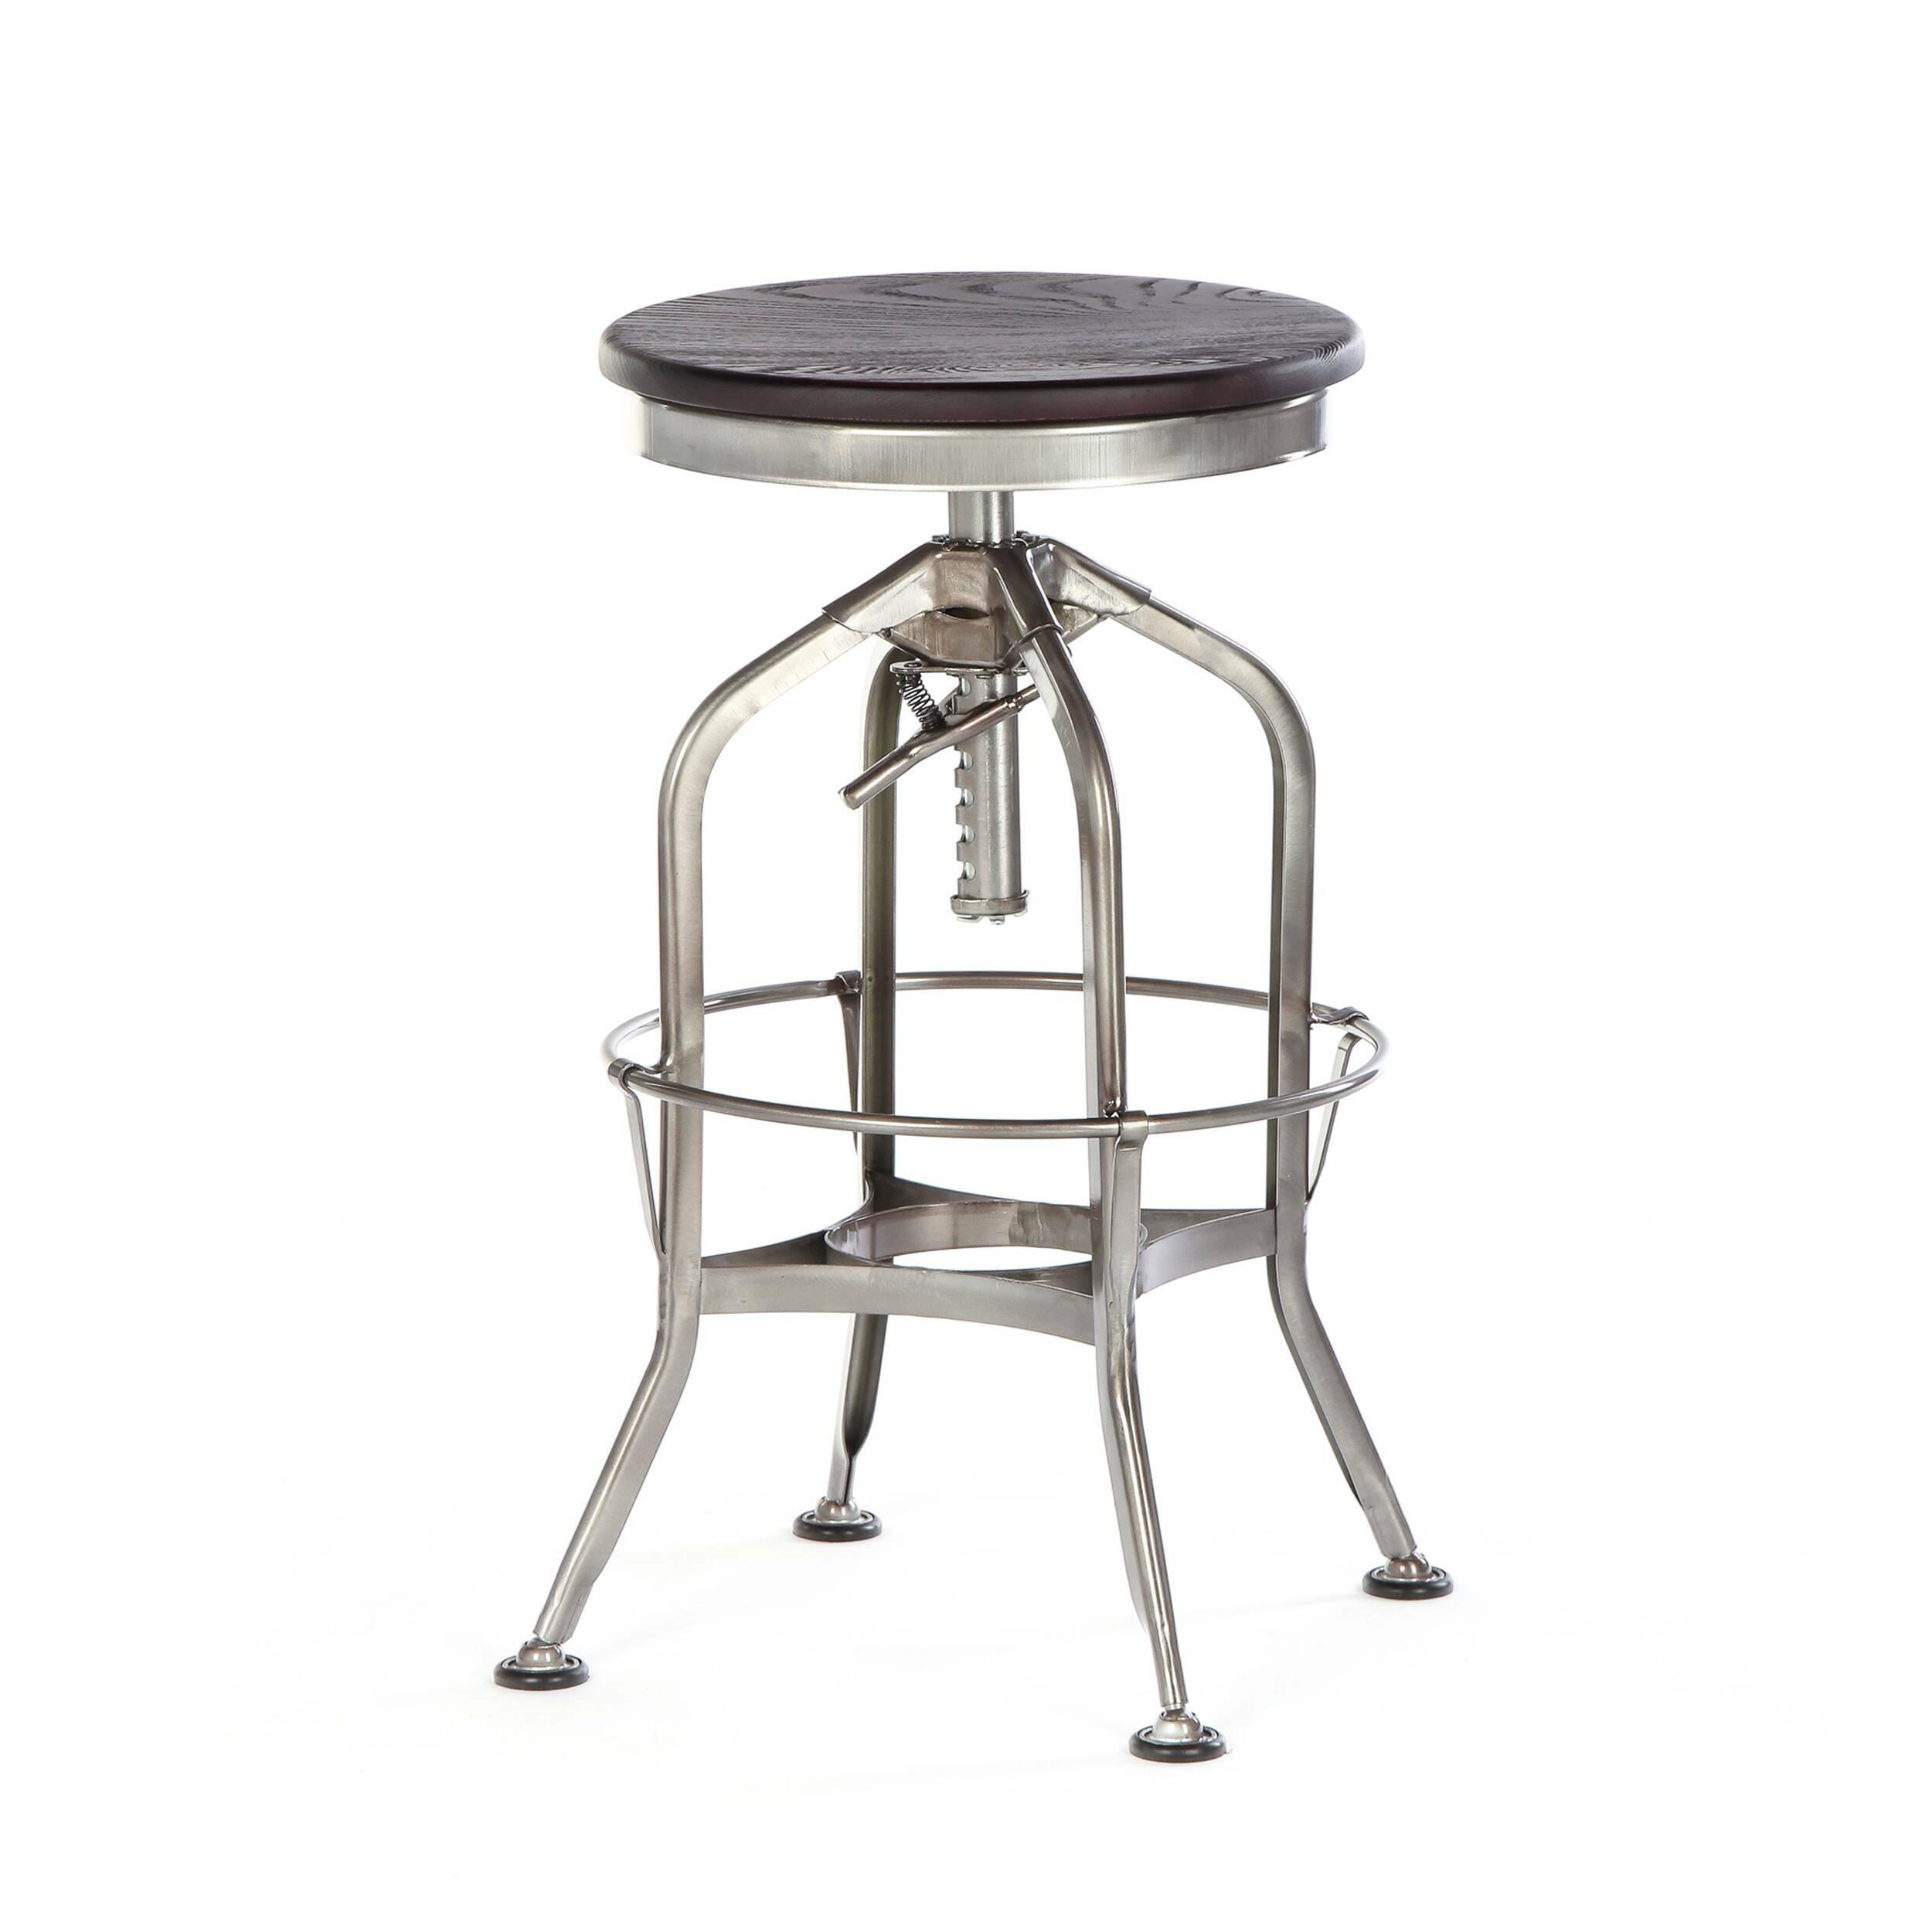 Барный стул Toledo Rondeau без спинкиБарные<br>Дизайнерский  металлический барный стул Toledo Rondeau (Толедо Рондо) без спинки с деревянным сиденьем от Cosmo (Космо).<br><br> Удобный и легкий барный стул Toledo Rondeau без спинки подходит для тех, кто ценит естественный симбиоз эстетичного дизайна и высокого качества. Сочетание стали и дерева выгоднее всего будет смотреться с кирпичной кладкой лофта или в сочетании с деревянными панелями, также эта модель будет органична в интерьерах эко или индустриального стиля.<br><br><br> Изначально стул был...<br><br>stock: 14<br>Высота: 62-73<br>Диаметр: 42<br>Цвет ножек: Бронза пушечная<br>Материал сидения: Массив ясеня<br>Цвет сидения: Темно-коричневый<br>Тип материала сидения: Дерево<br>Тип материала ножек: Сталь